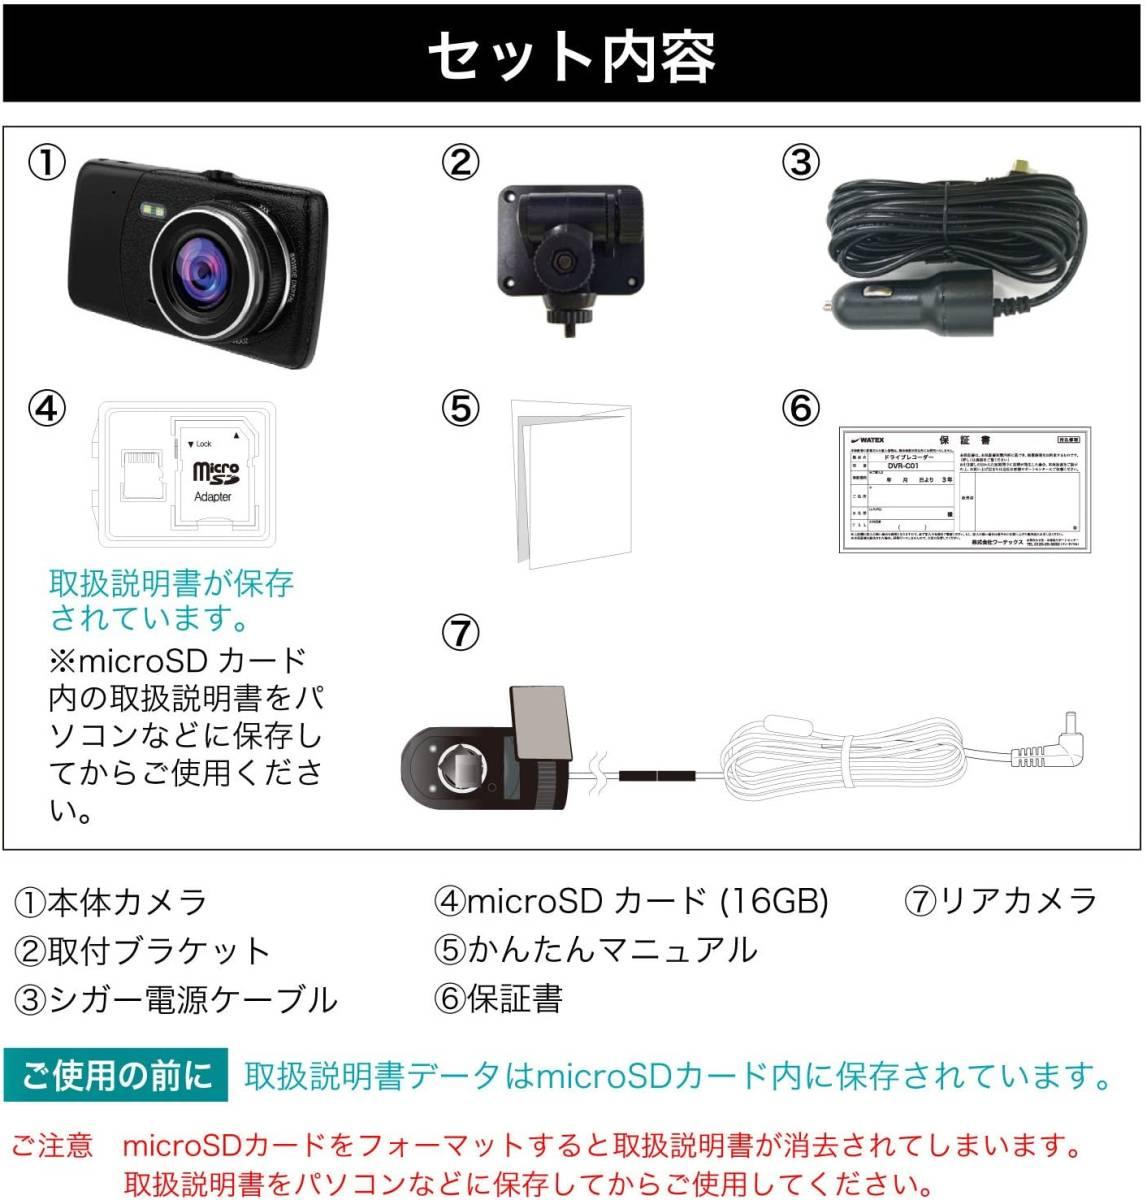 日本製 ドライブレコーダー 前後 カメラ 2カメラ 前後カメラ リアカメラ 駐車監視 衝撃録画 常時録画 モーション検知 ドラレコ_画像8